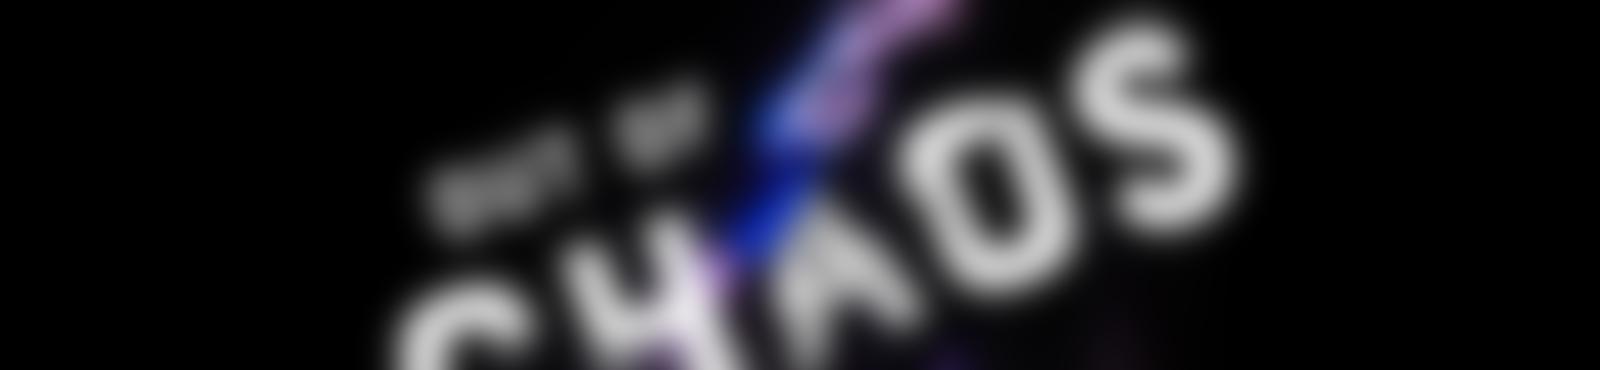 Blurred fd078eb8 a605 4578 bc1a 9efdef3d98a6